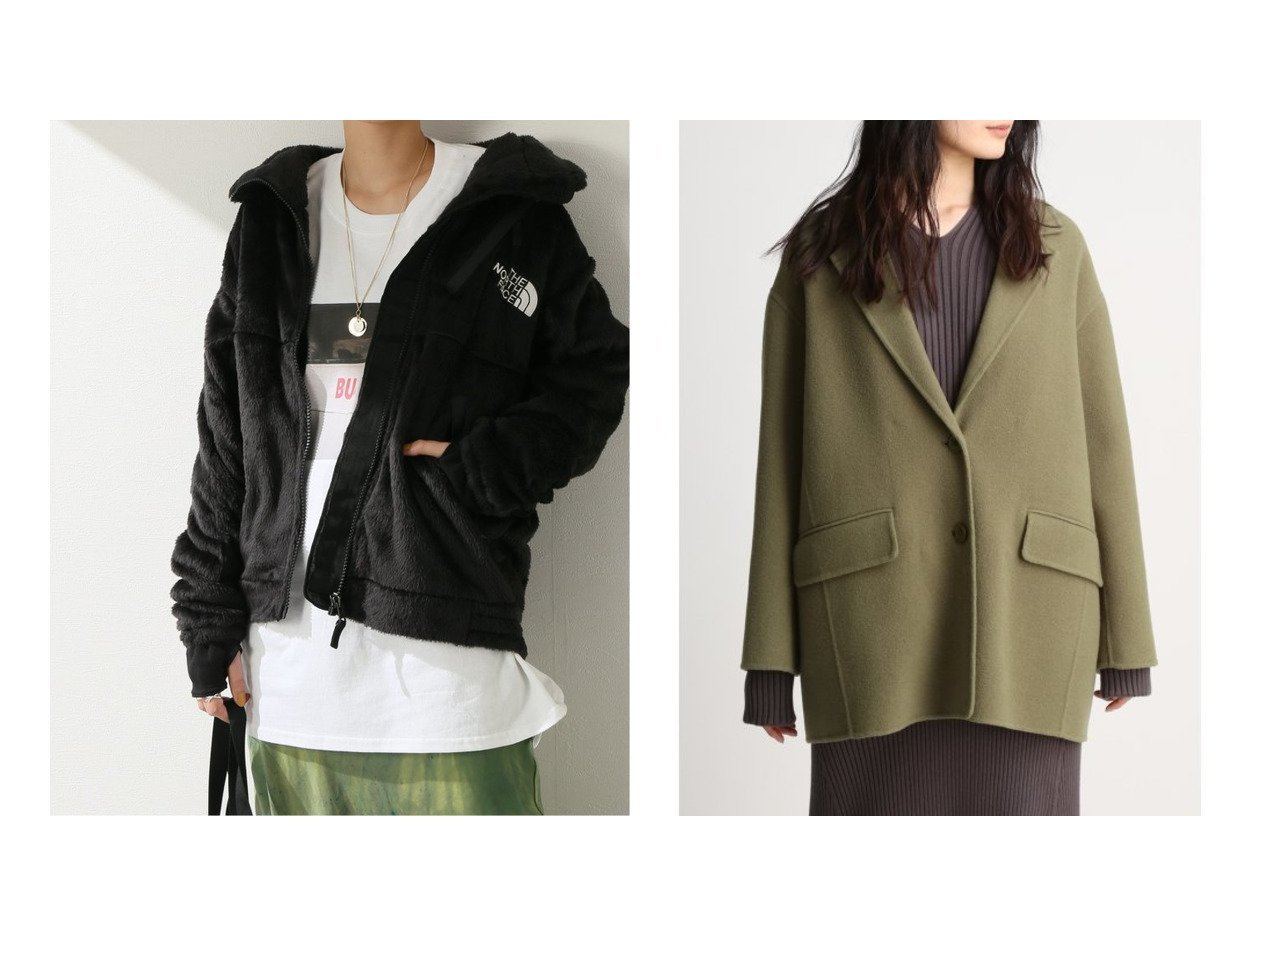 【Mila Owen/ミラオーウェン】のライナー付きジャケットコート&【JOURNAL STANDARD/ジャーナルスタンダード】の【ザ・ノース・フェイス】 ANT VRS LFT JKT:ブルゾン アウターのおすすめ!人気、レディースファッションの通販  おすすめで人気のファッション通販商品 インテリア・家具・キッズファッション・メンズファッション・レディースファッション・服の通販 founy(ファニー) https://founy.com/ ファッション Fashion レディース WOMEN アウター Coat Outerwear ブルゾン Blouson Jackets コート Coats ジャケット Jackets 秋冬 A/W Autumn/ Winter アウトドア ブルゾン ジャケット スマート ライナー 冬 Winter |ID:crp329100000003225